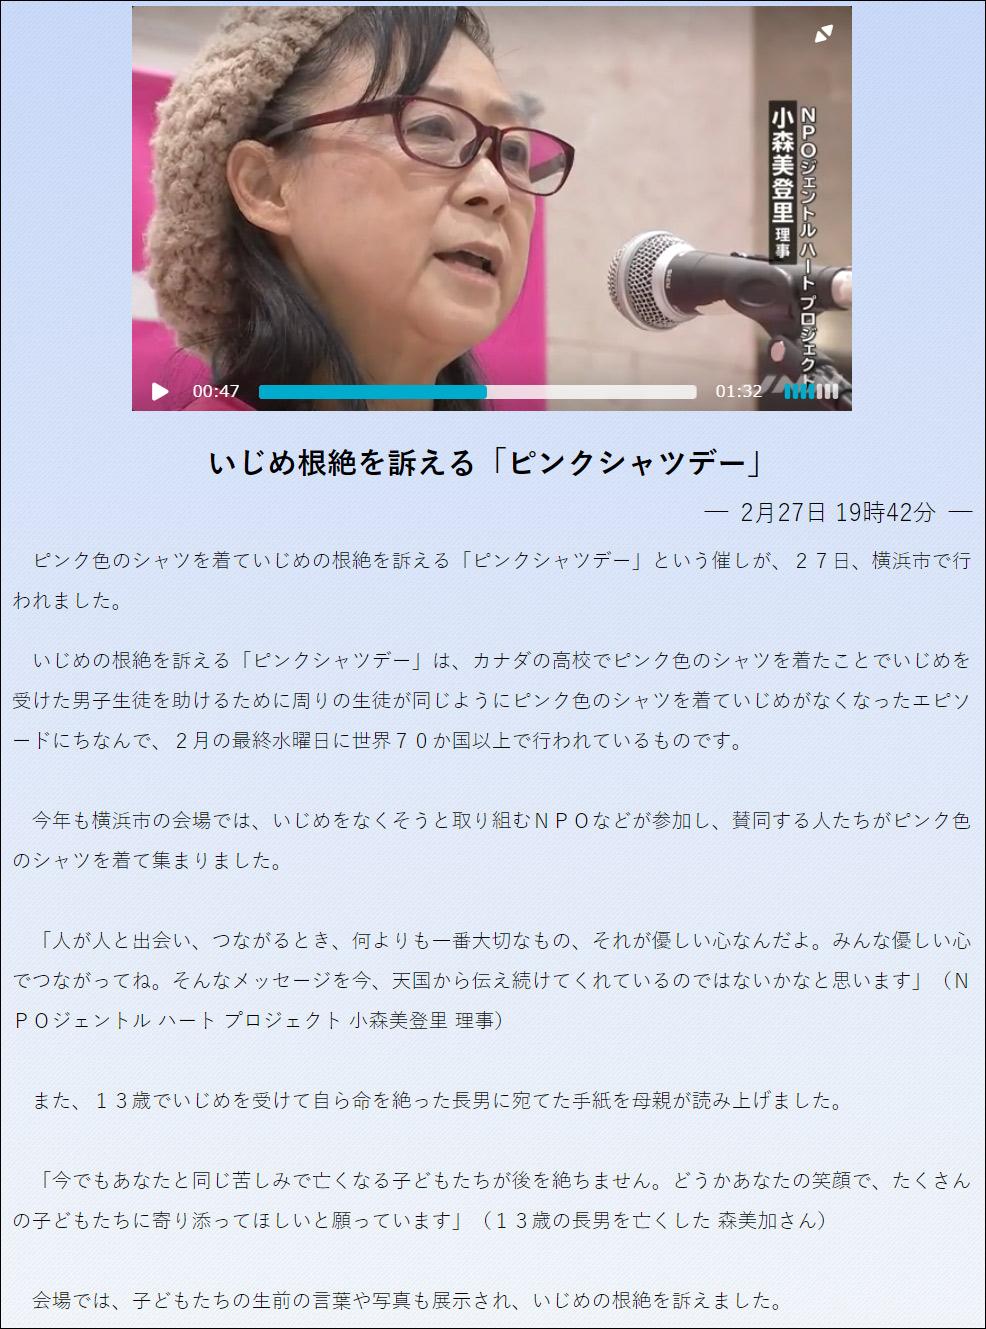 小森美登里:TBS NEWS「いじめ根絶を訴える『ピンクシャツデー』」